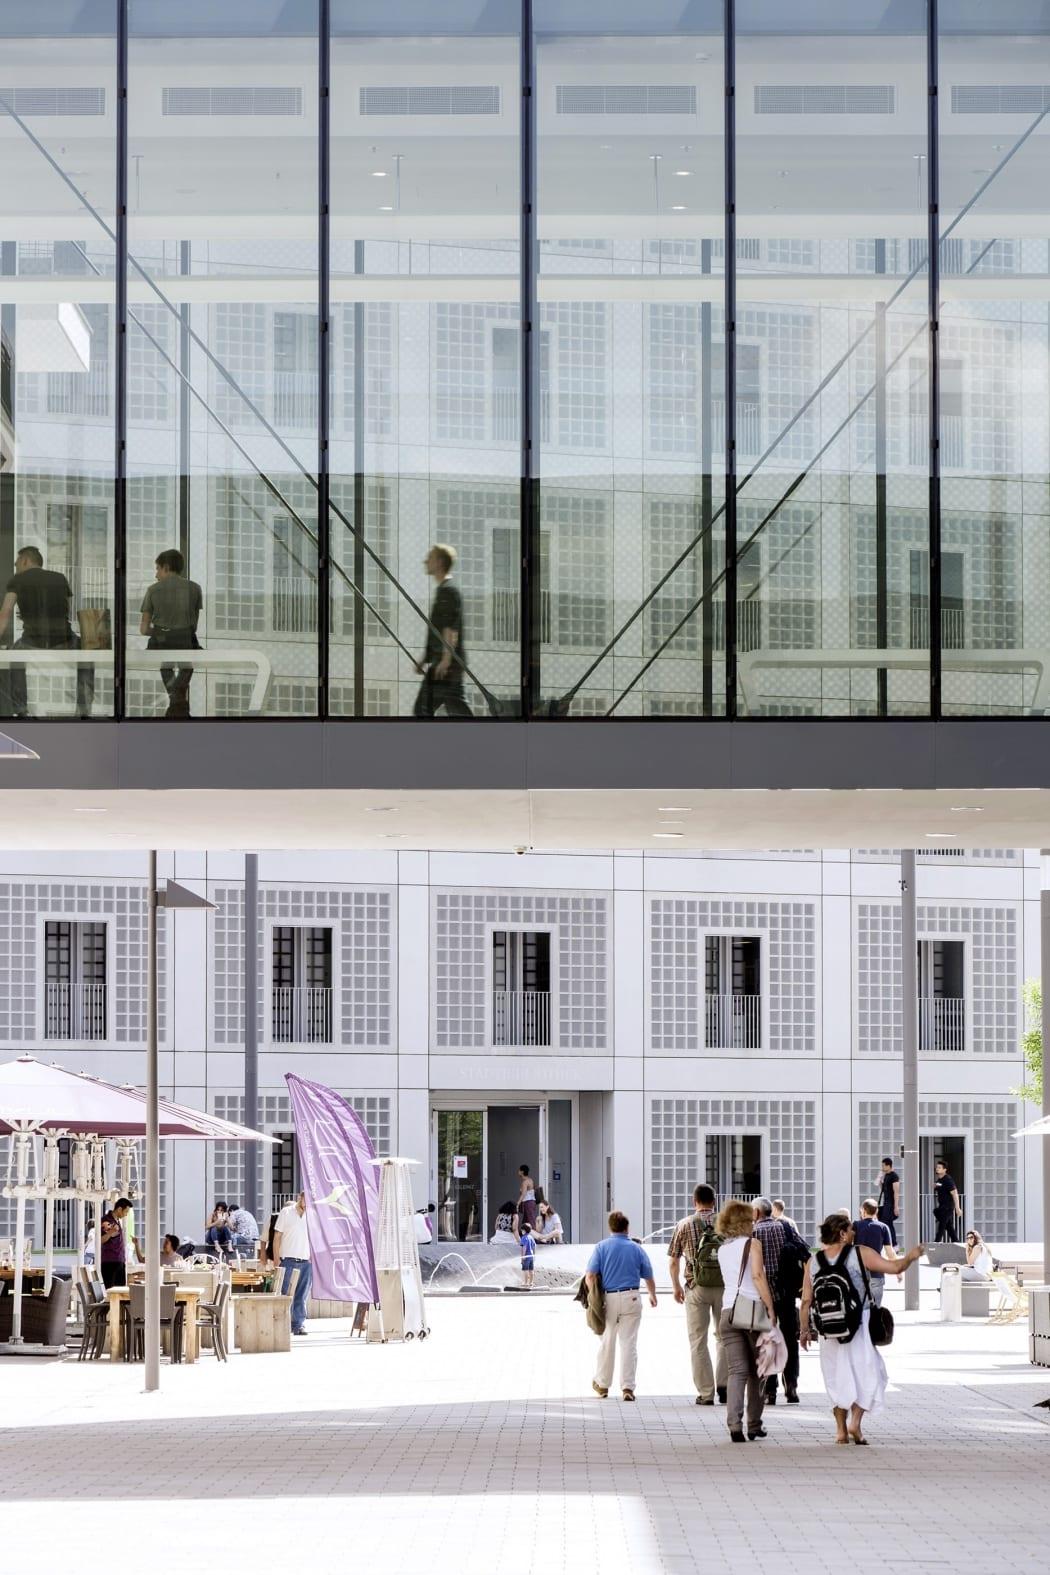 RKW Stuttgart Milaneo Shopping Center Einzelhandel Einkaufszentrum Quartier am mailaender Platz ICSC Award 2016 MIPIM Award 2015 Marcus Pietrek 07